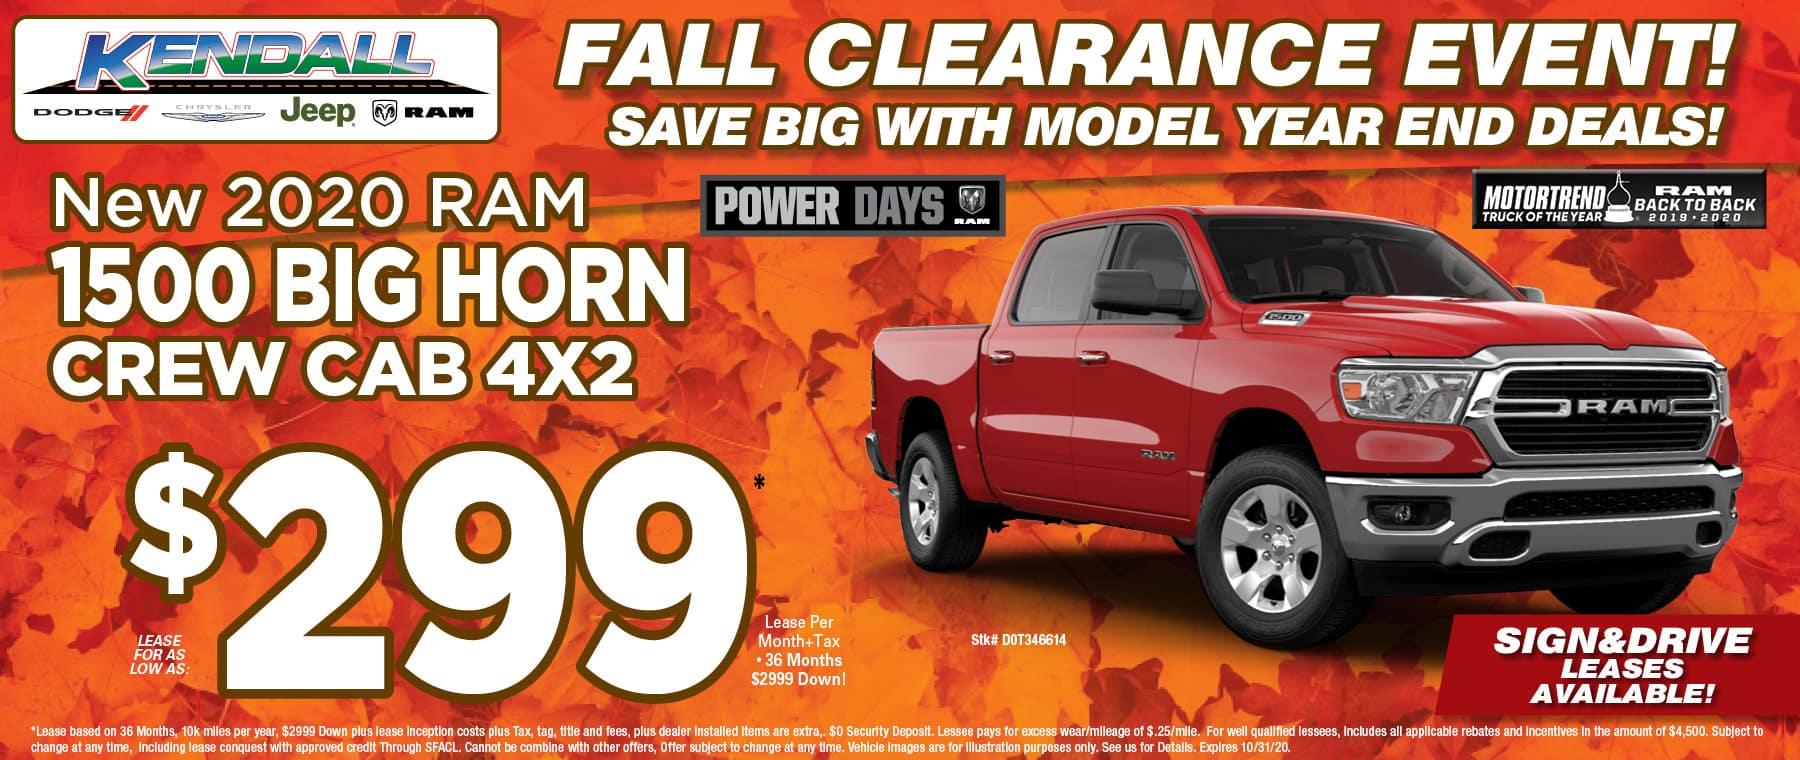 80103-KEDO_1800x760_Oct2020-Fall-Savings_3